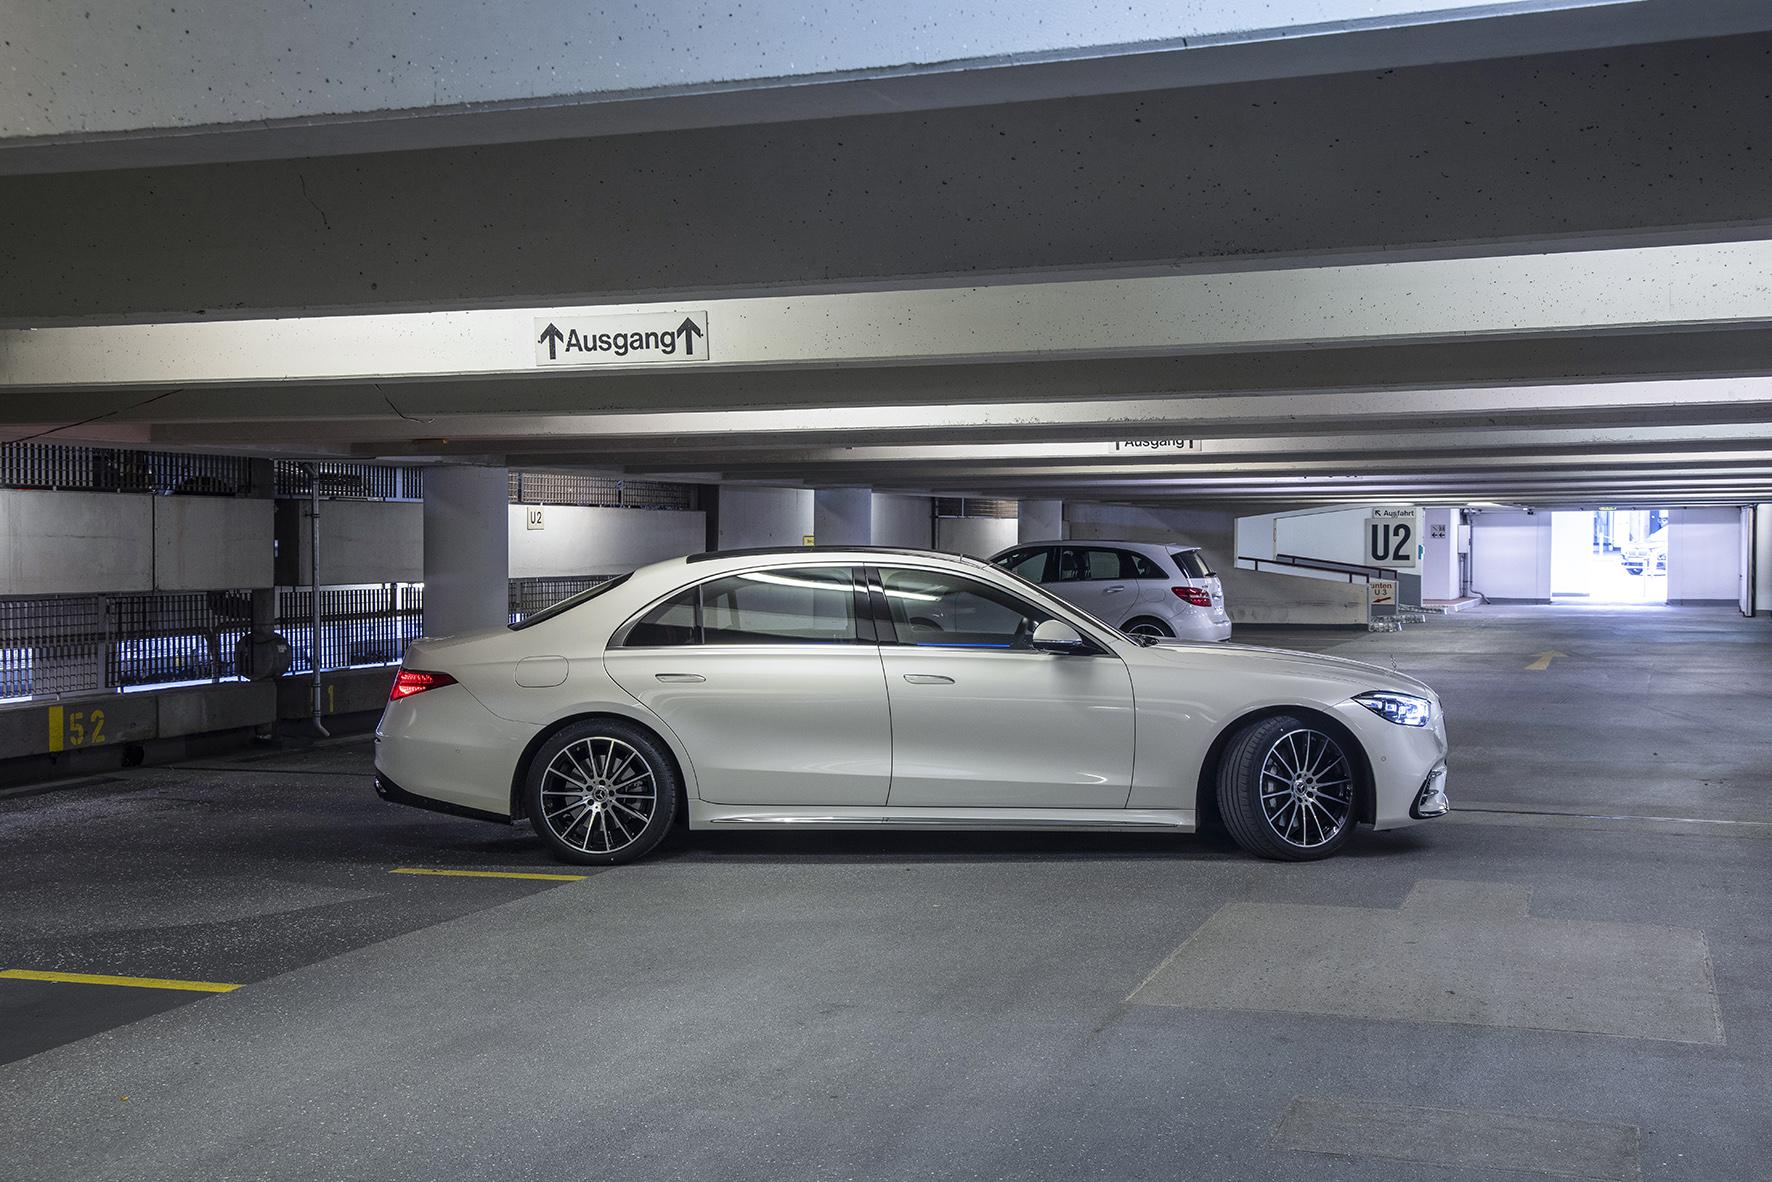 Intelligent parking garage infrastructure